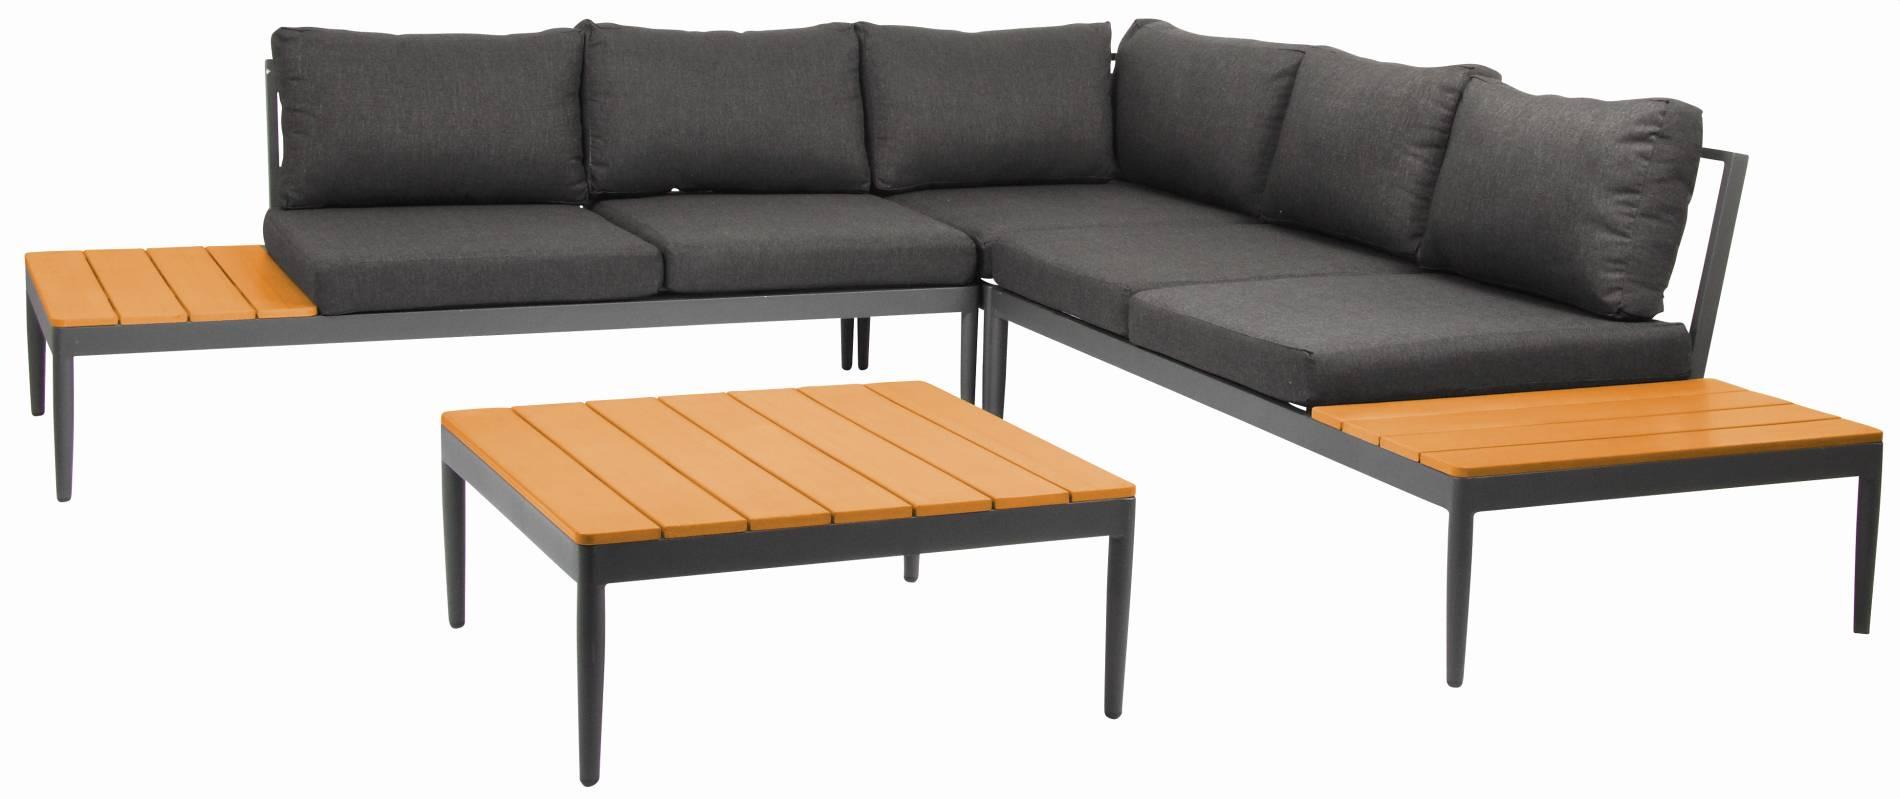 Loungegruppe Shade von acamp 4-teilig